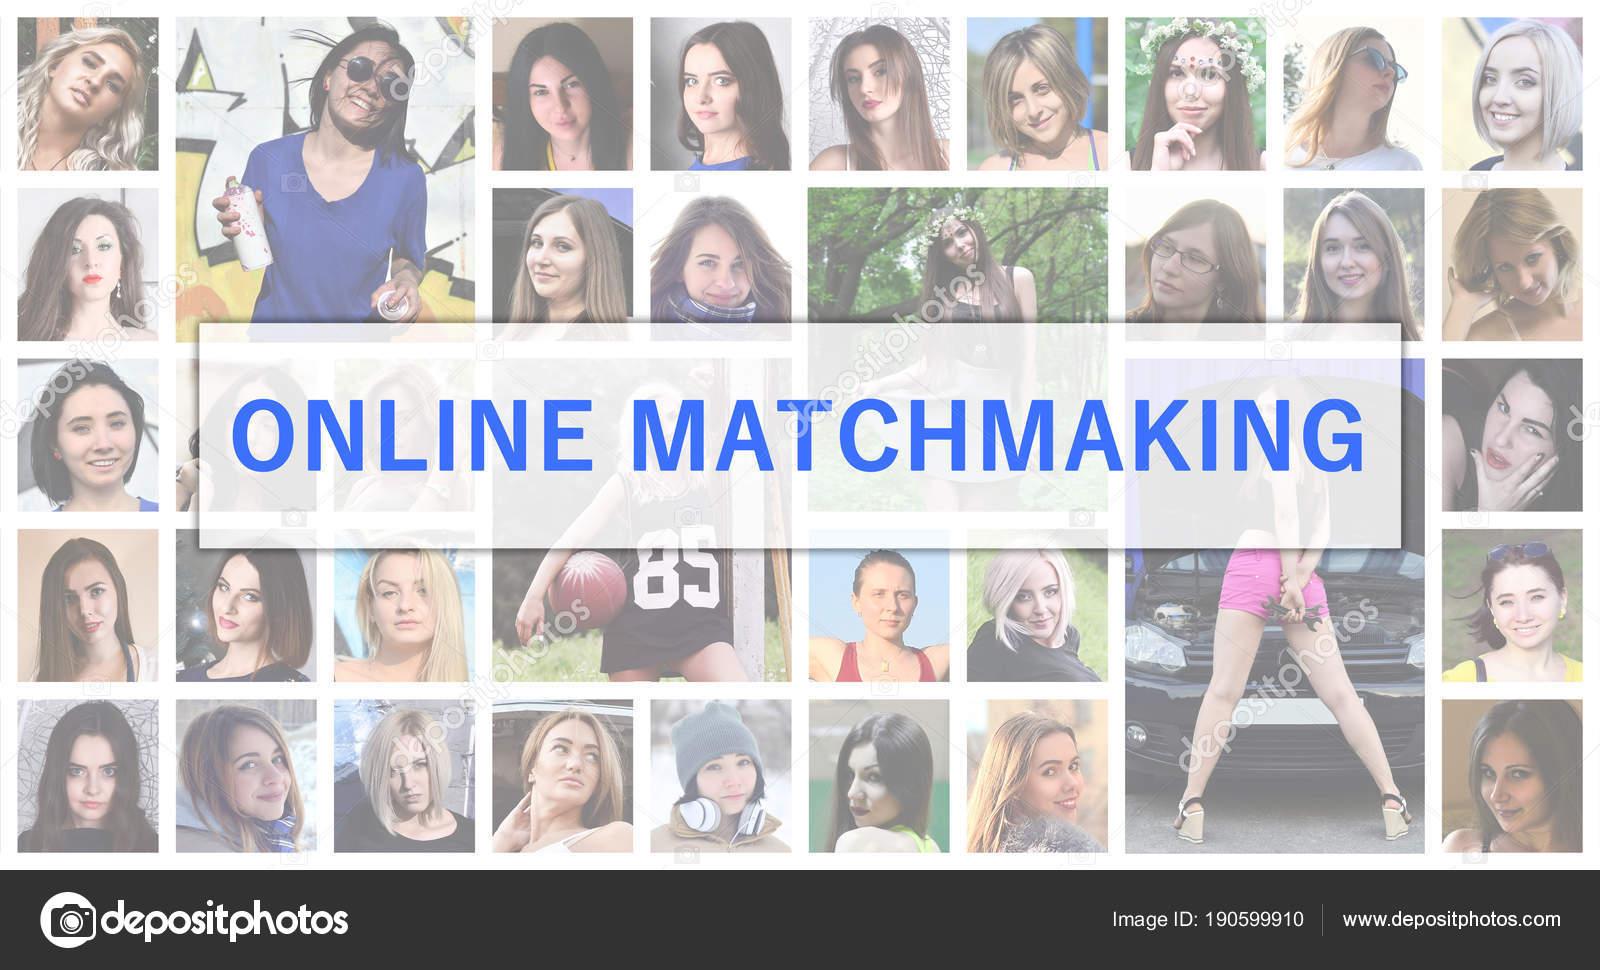 Lustige Match.com Dating-Schlagzeilen